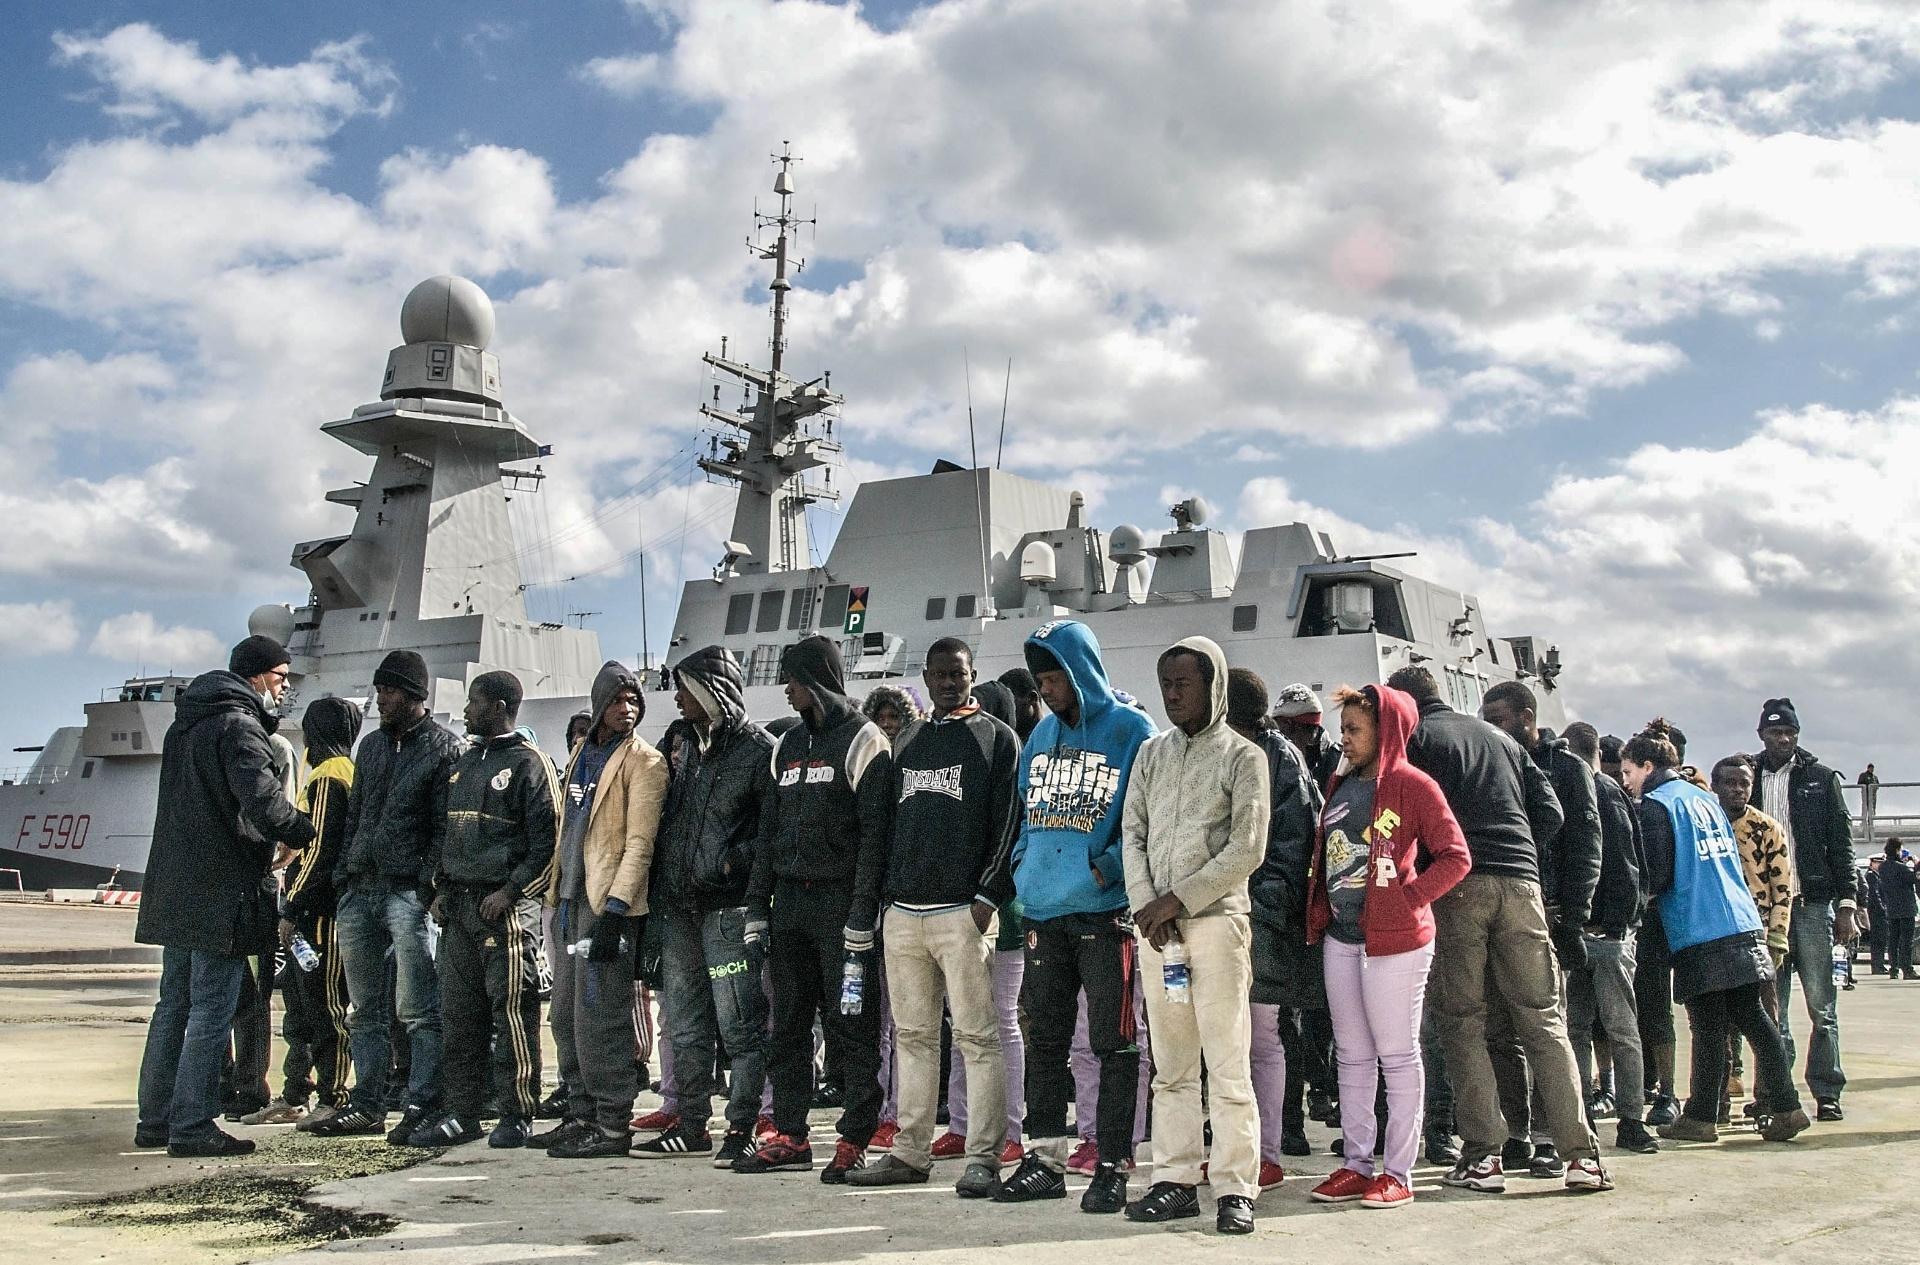 2.out.2015 - Imigrantes chegam no porto de Augusta, na Sicília, Itália, e se organizam para receber ajuda do governo local. Segundo dados do Alto Comissariado das Nações Unidas para Refugiados (ACNUR), até agosto deste ano a Itália recebeu 110 mil dos 380 mil imigrantes que chegaram à Europa